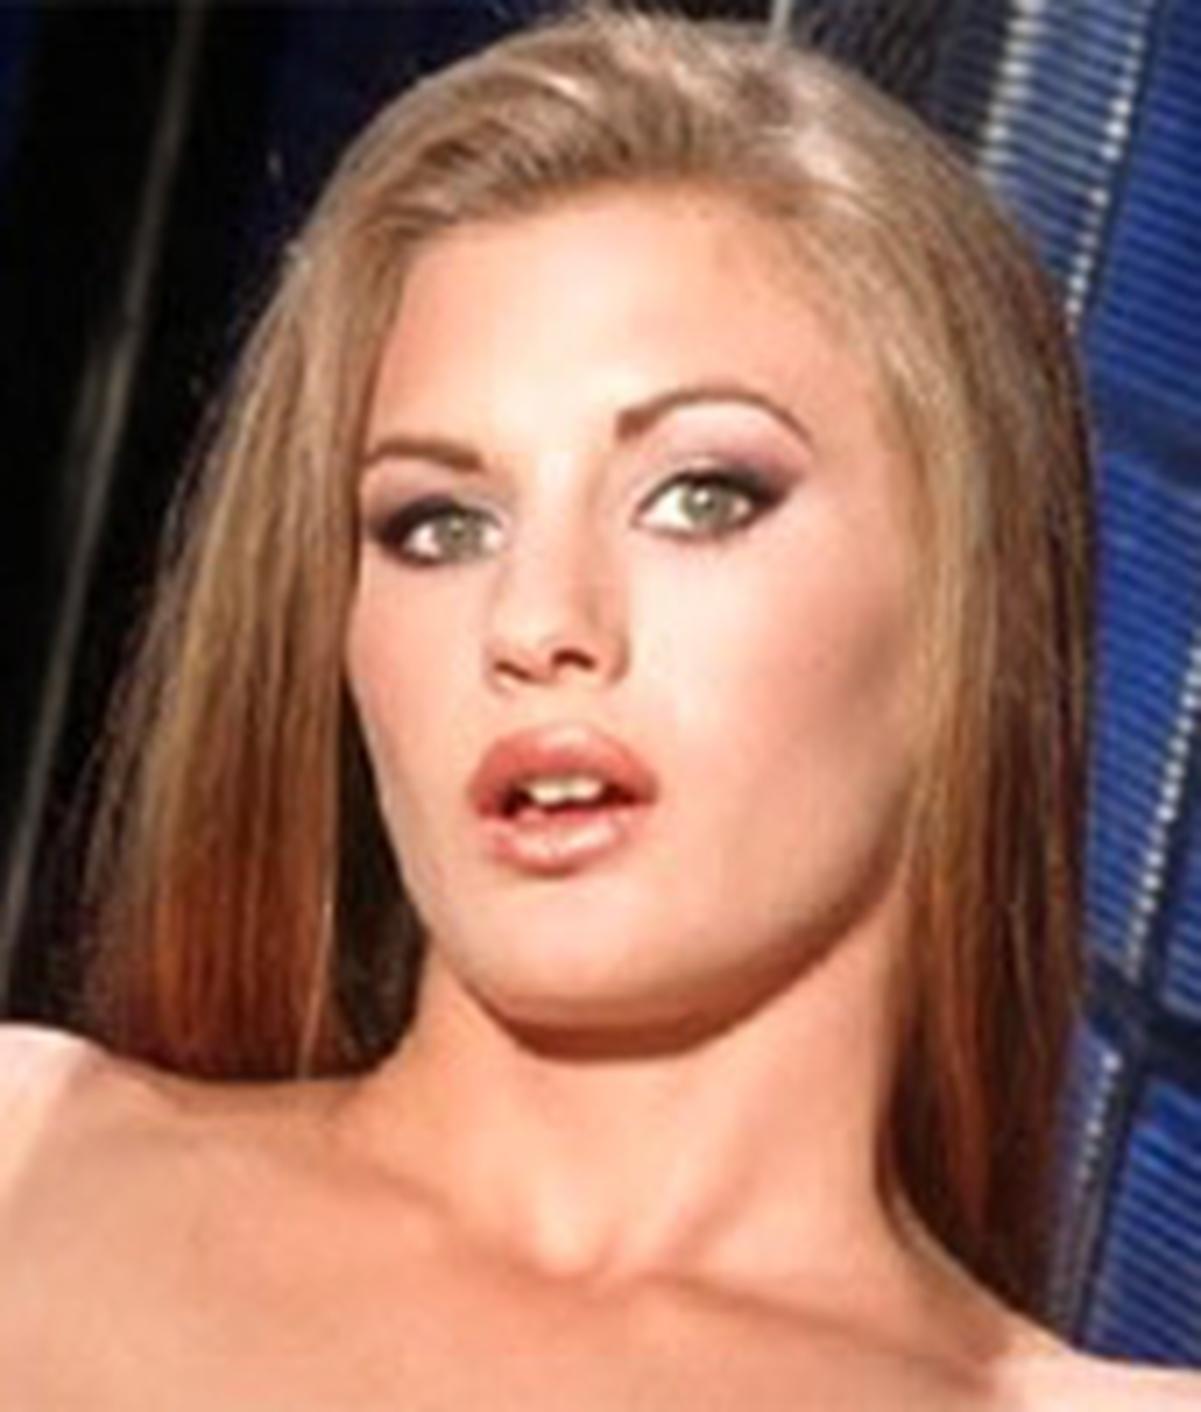 Samantha idol pornstar bio